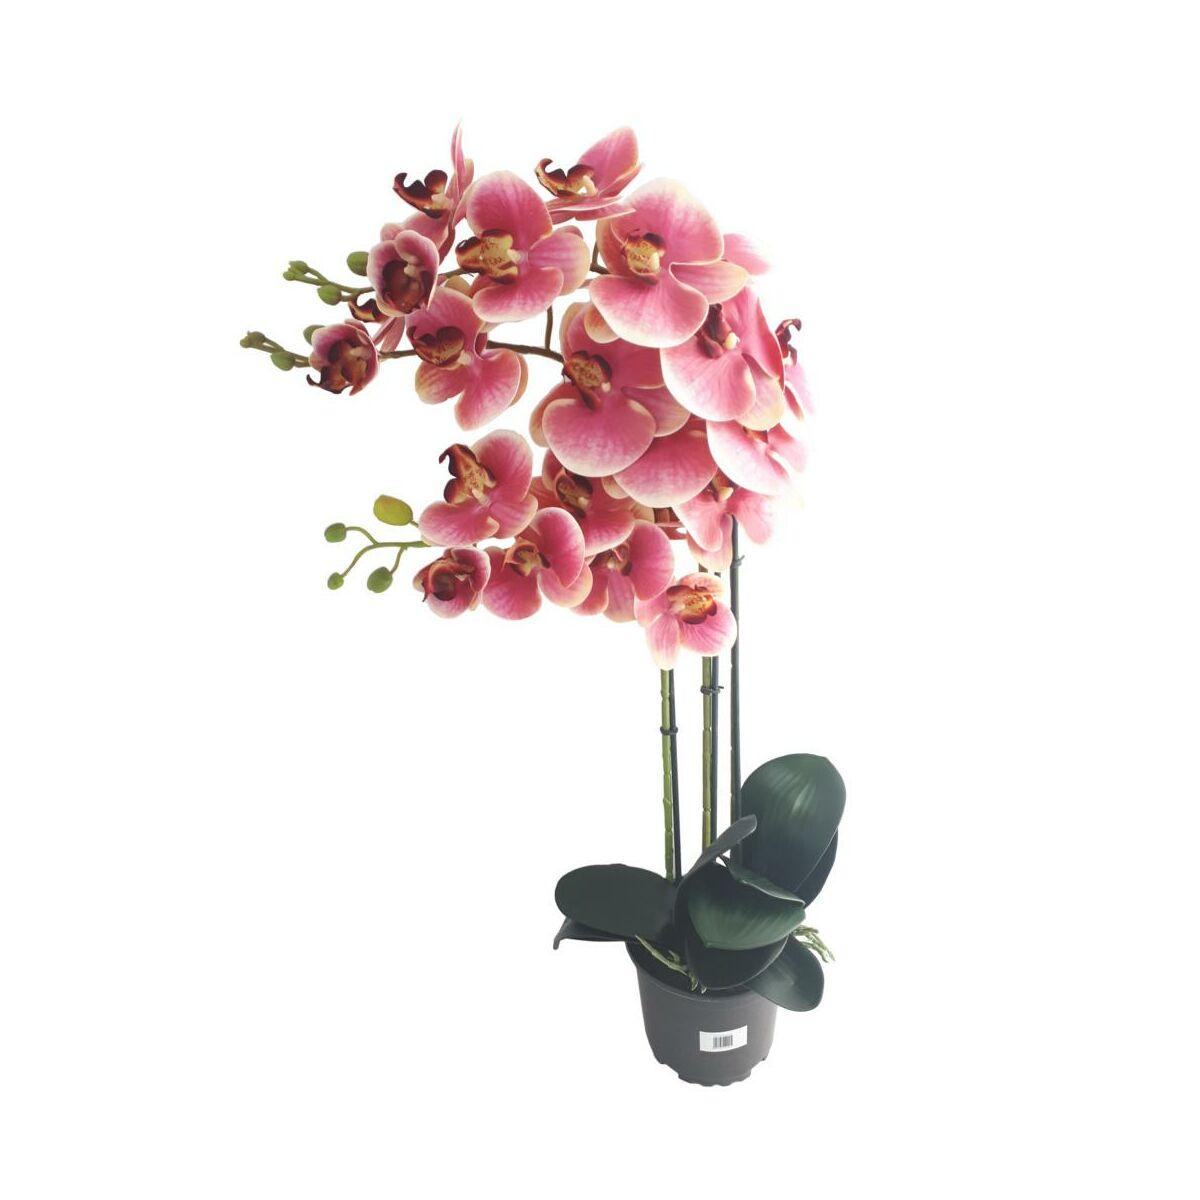 Storczyk Sztuczny W Doniczce 80 Cm Rozowy 3 Pedy Sztuczne Kwiaty W Atrakcyjnej Cenie W Sklepach Leroy Merlin